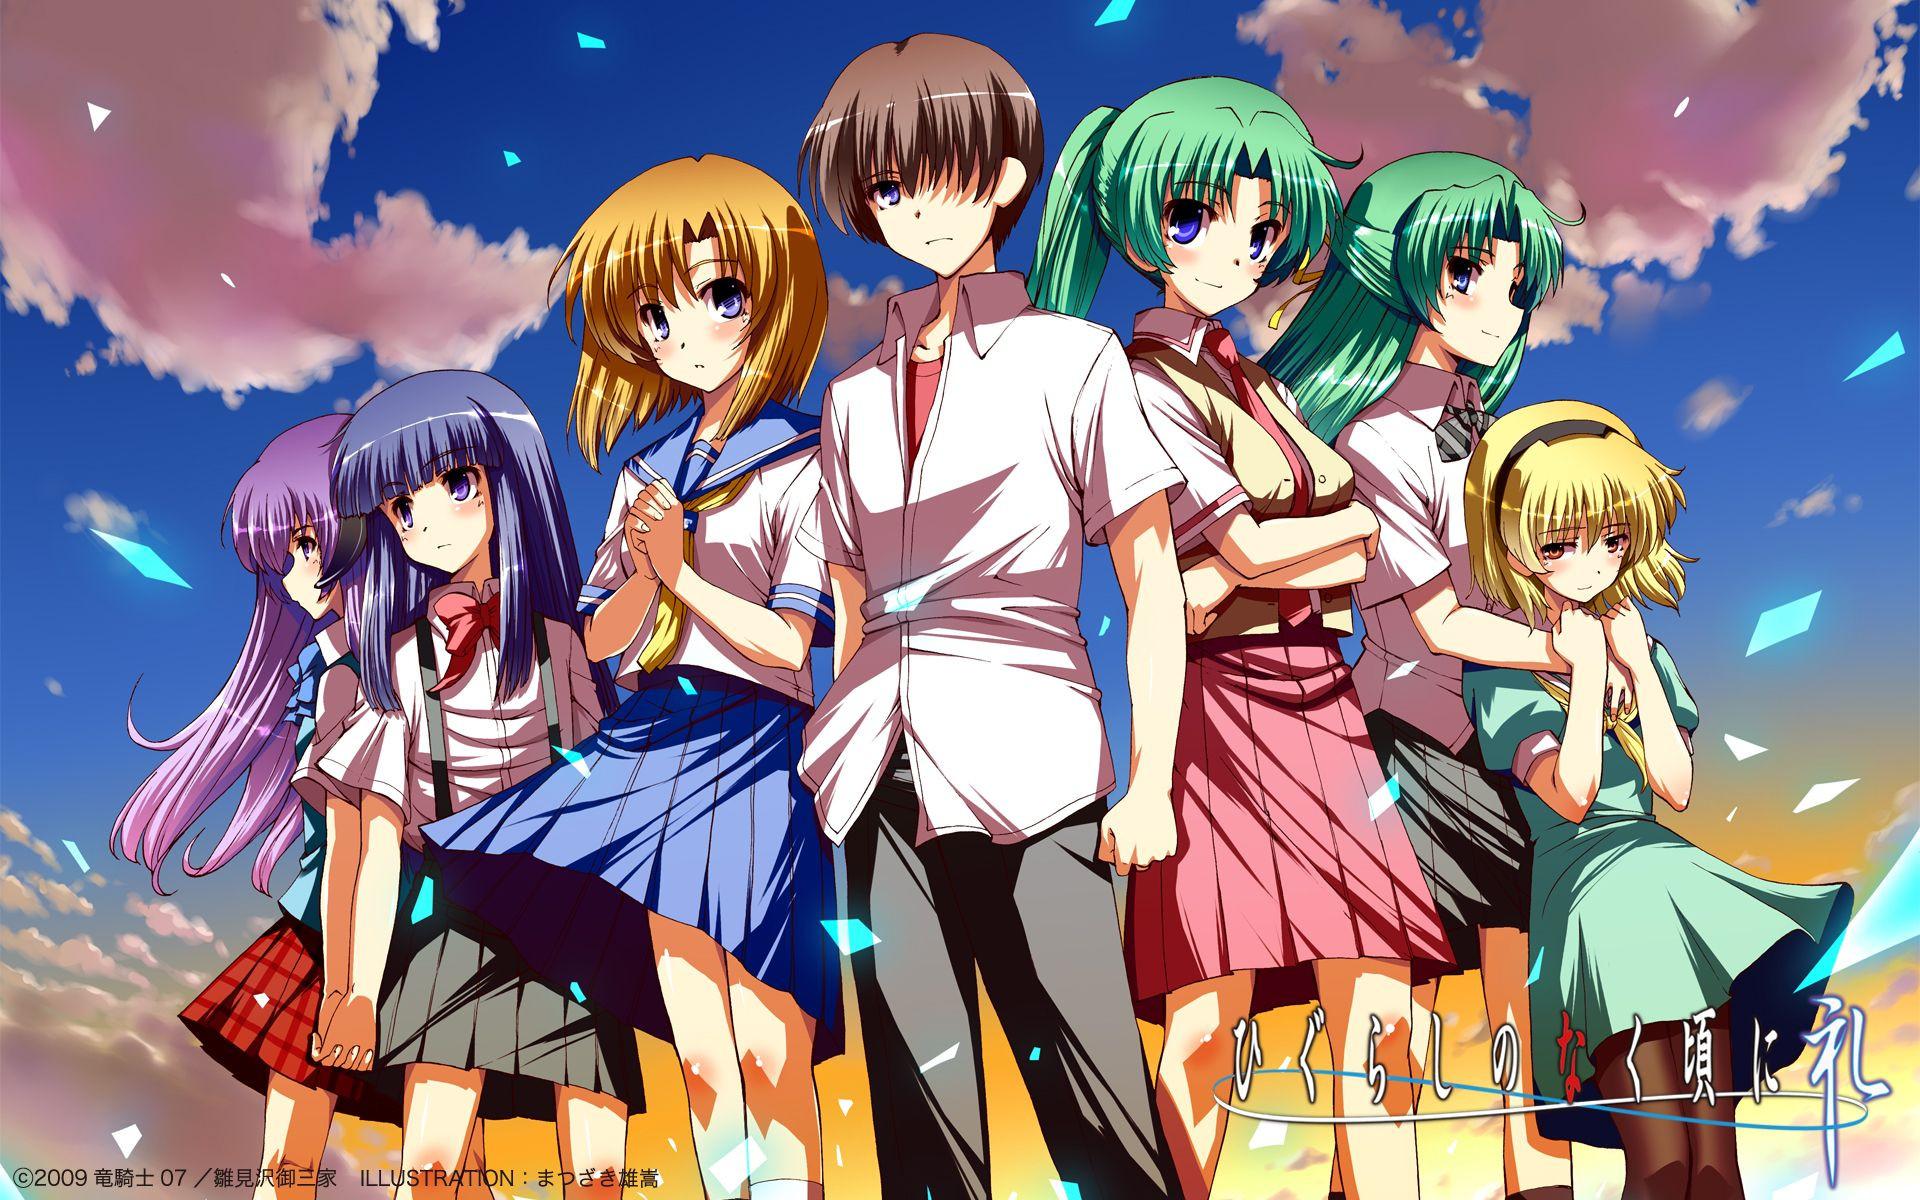 V studiu Passione se pripravlja nov anime Higurashi